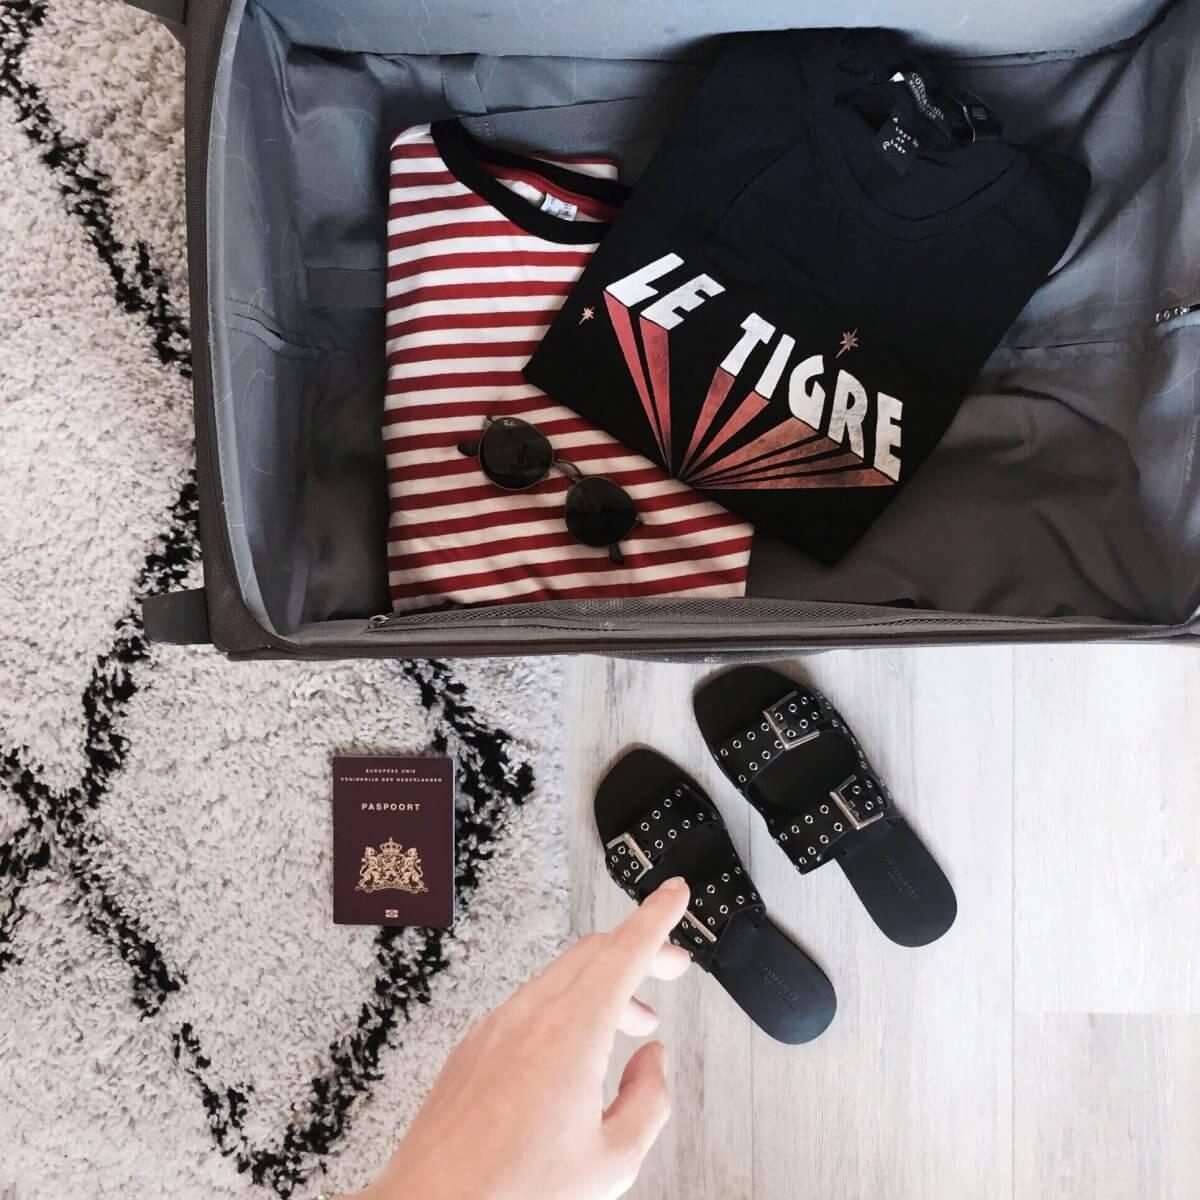 voorbereid op vakantie